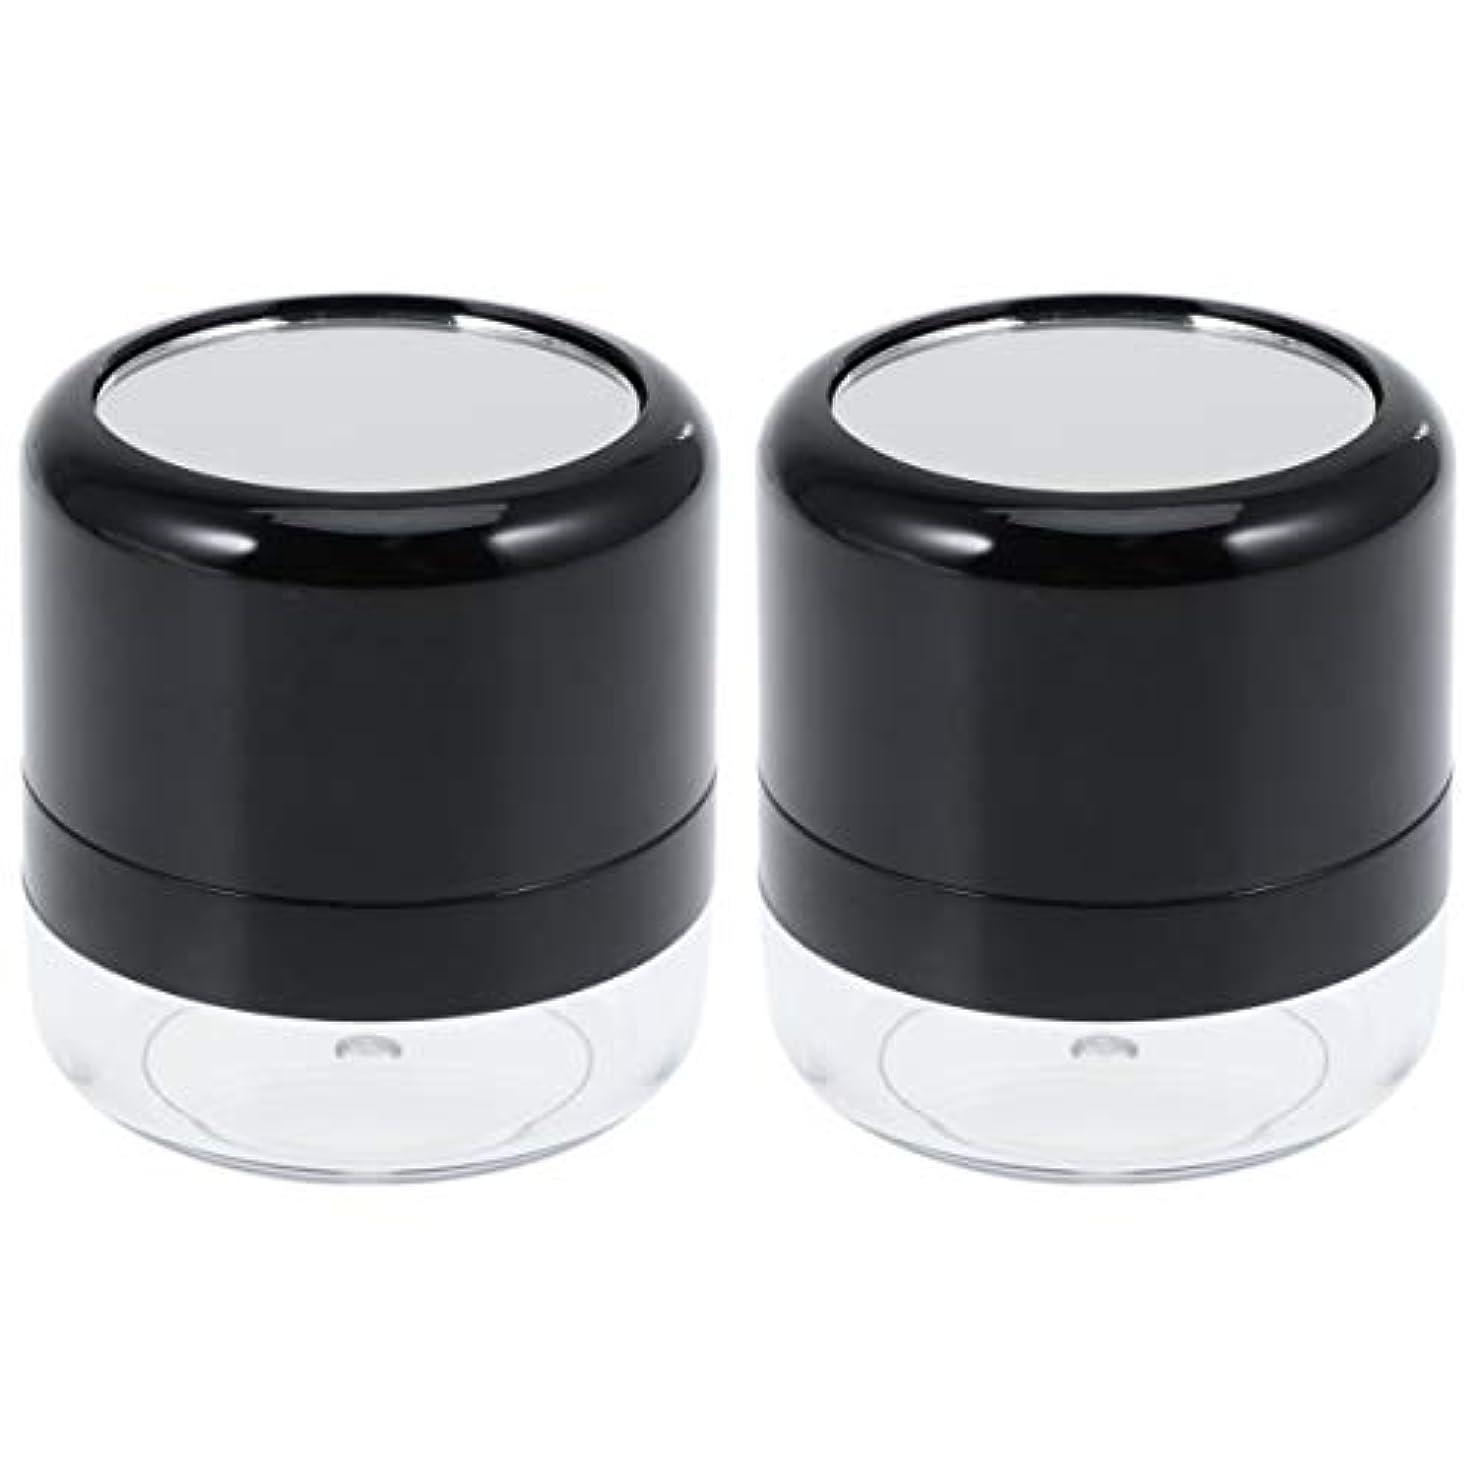 打ち負かす順応性のあるピッチFrcolor パウダーケース パウダー容器 ミニケース 15G ポンポンジャー 携帯用 手作り 詰替え容器 小分けボトル パフ?ミラー付き 2個セット(ブラックフタ)